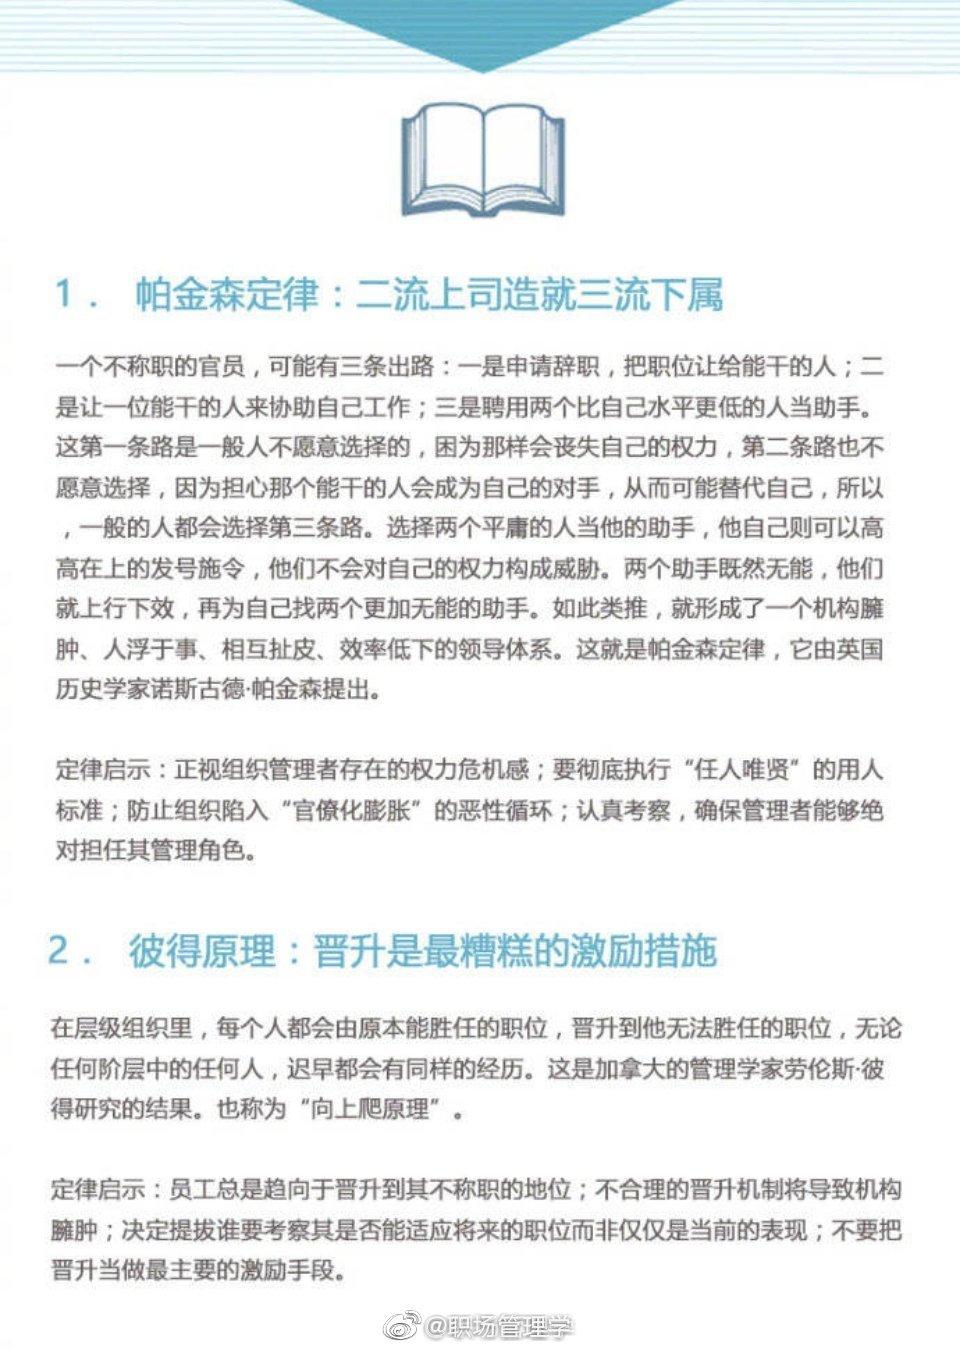 市场营销22条经典法则,营销人必看:1、市场领先法则